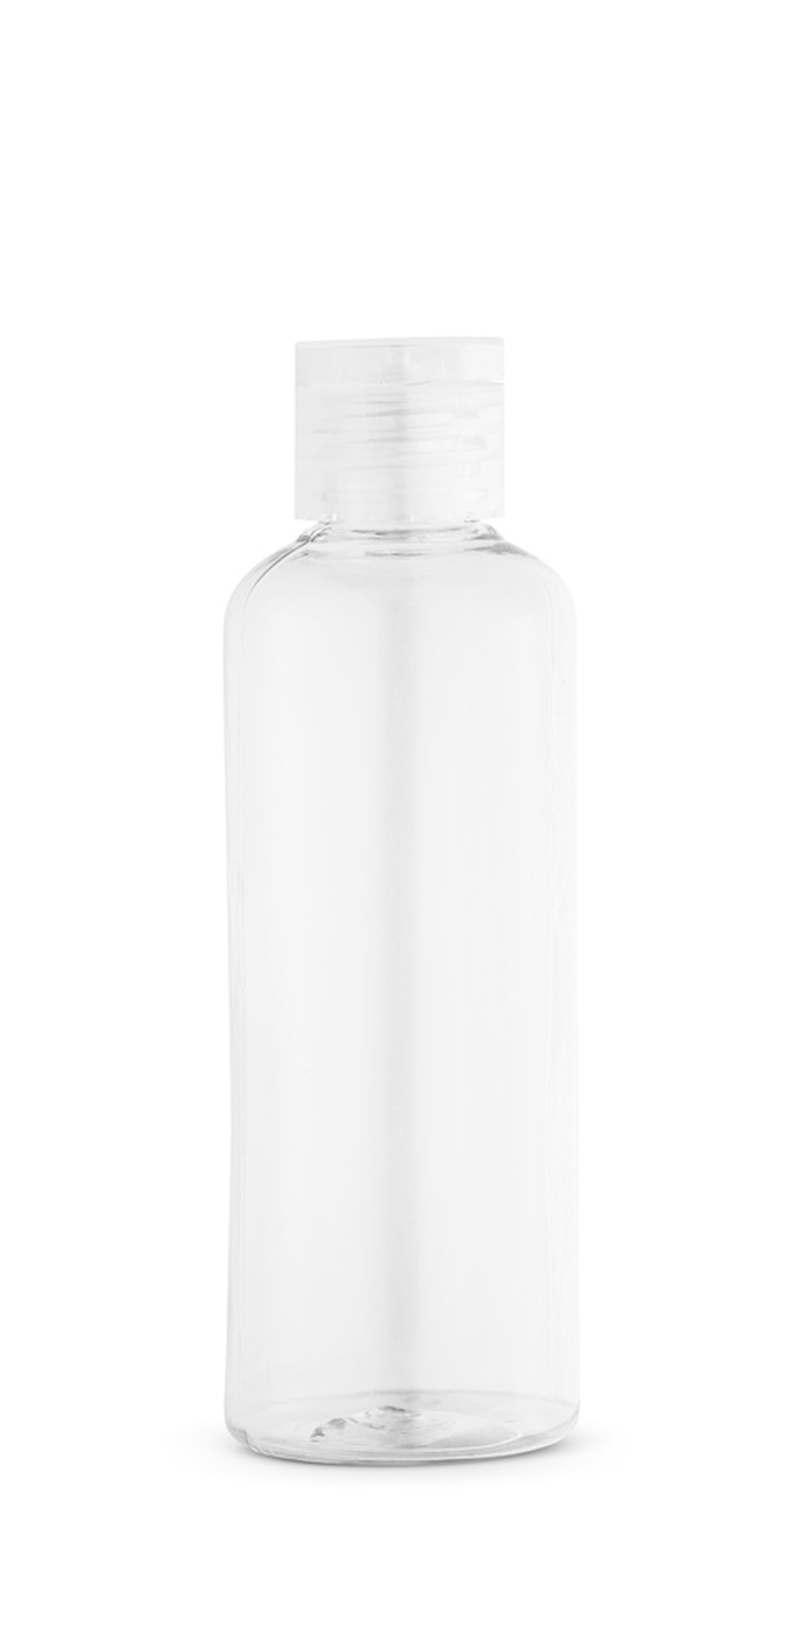 REFLASK 100. Láhev s uzávěrem 100 ml